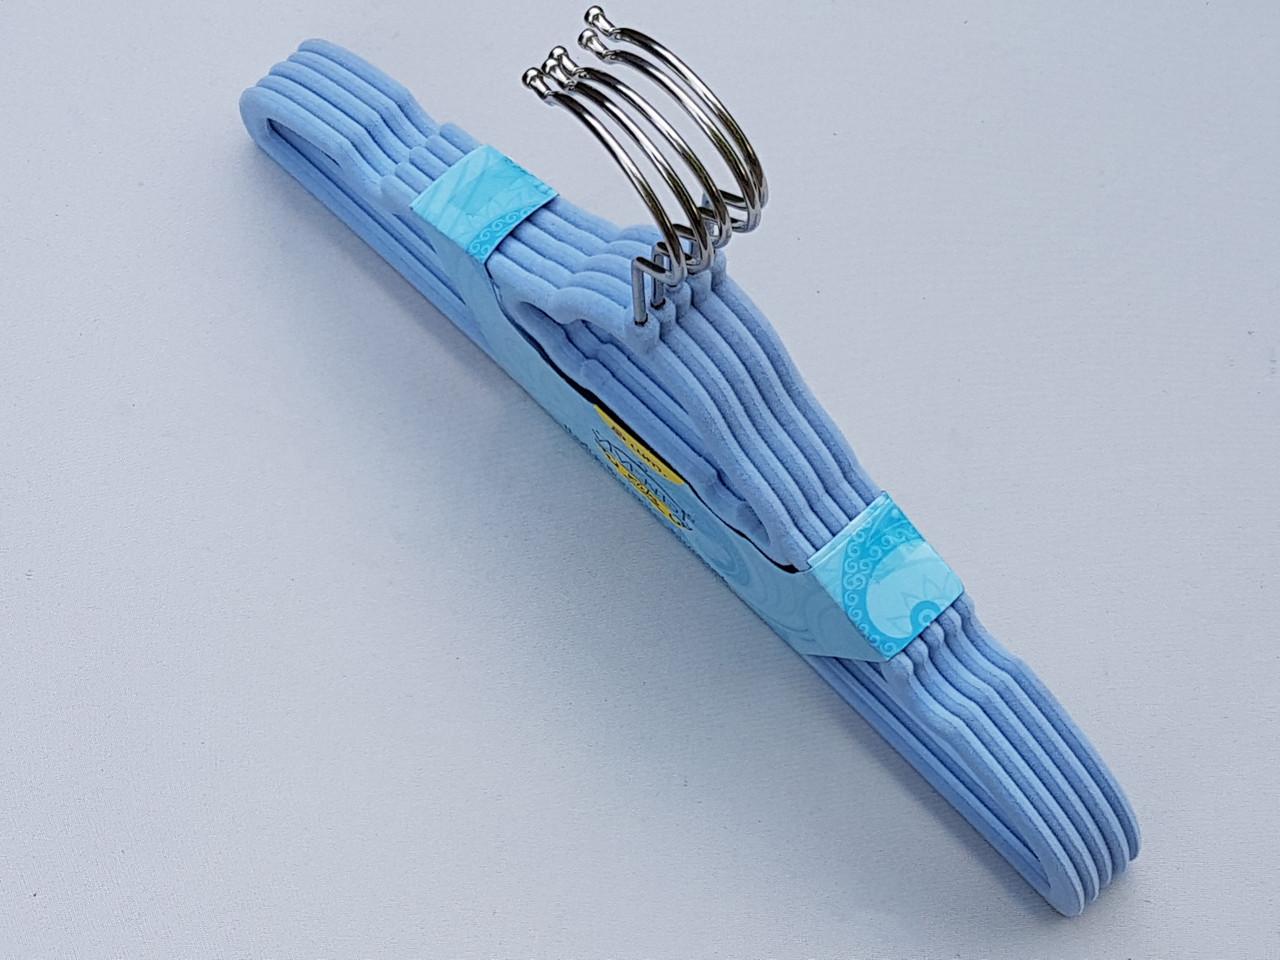 Плечики вешалки детские флокированные (бархатные, велюровые) голубого цвета,длина 32,5 см, в упаковке 5 штук